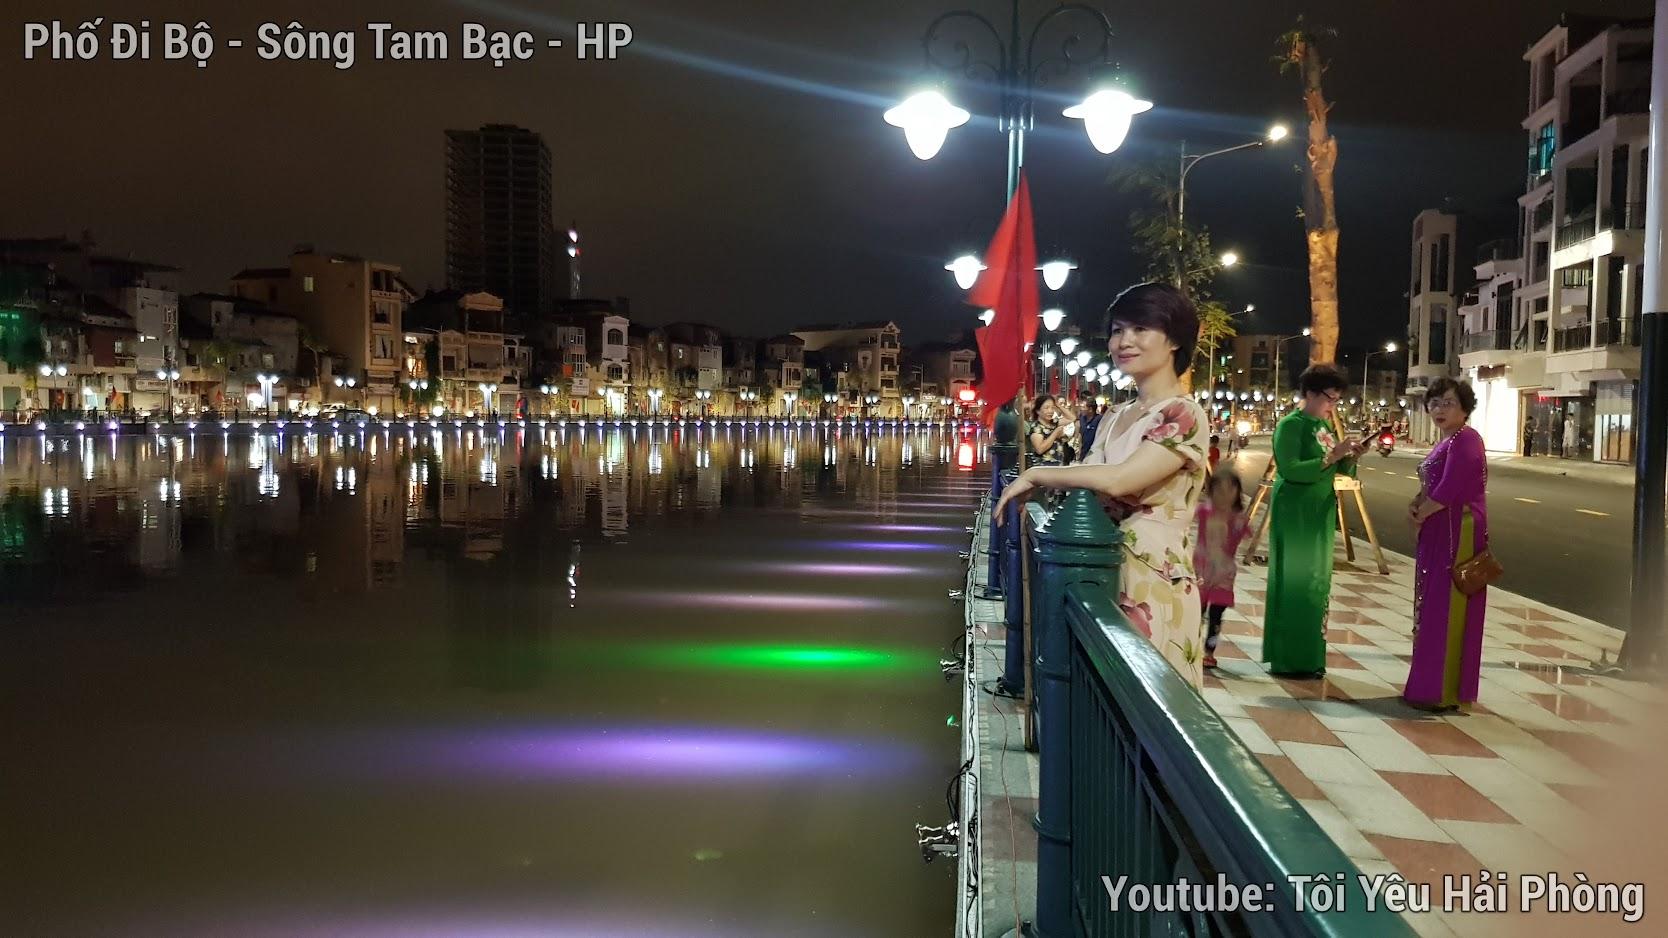 Buổi tối ở Phố Đi Bộ bên sông Tam Bạc ở Hải Phòng 3